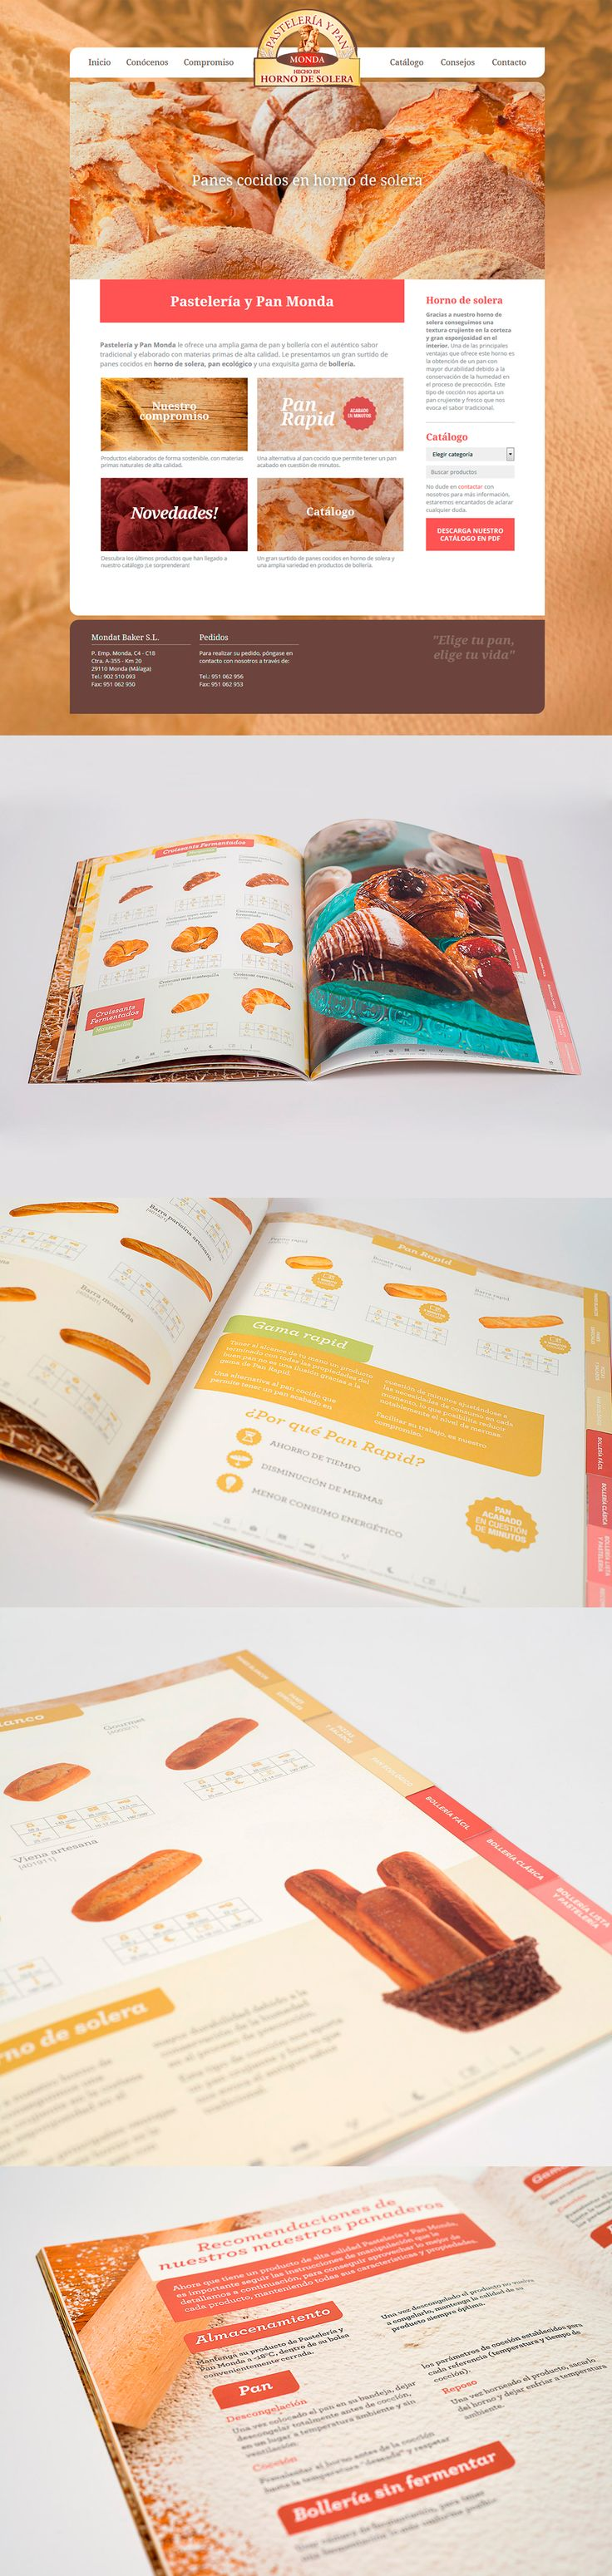 Pastelería y pan Monda ~   Panadería y pastelería tradicional hecho en horno de solera. Así desarrollamos catálogo y web desde Factor ñ.